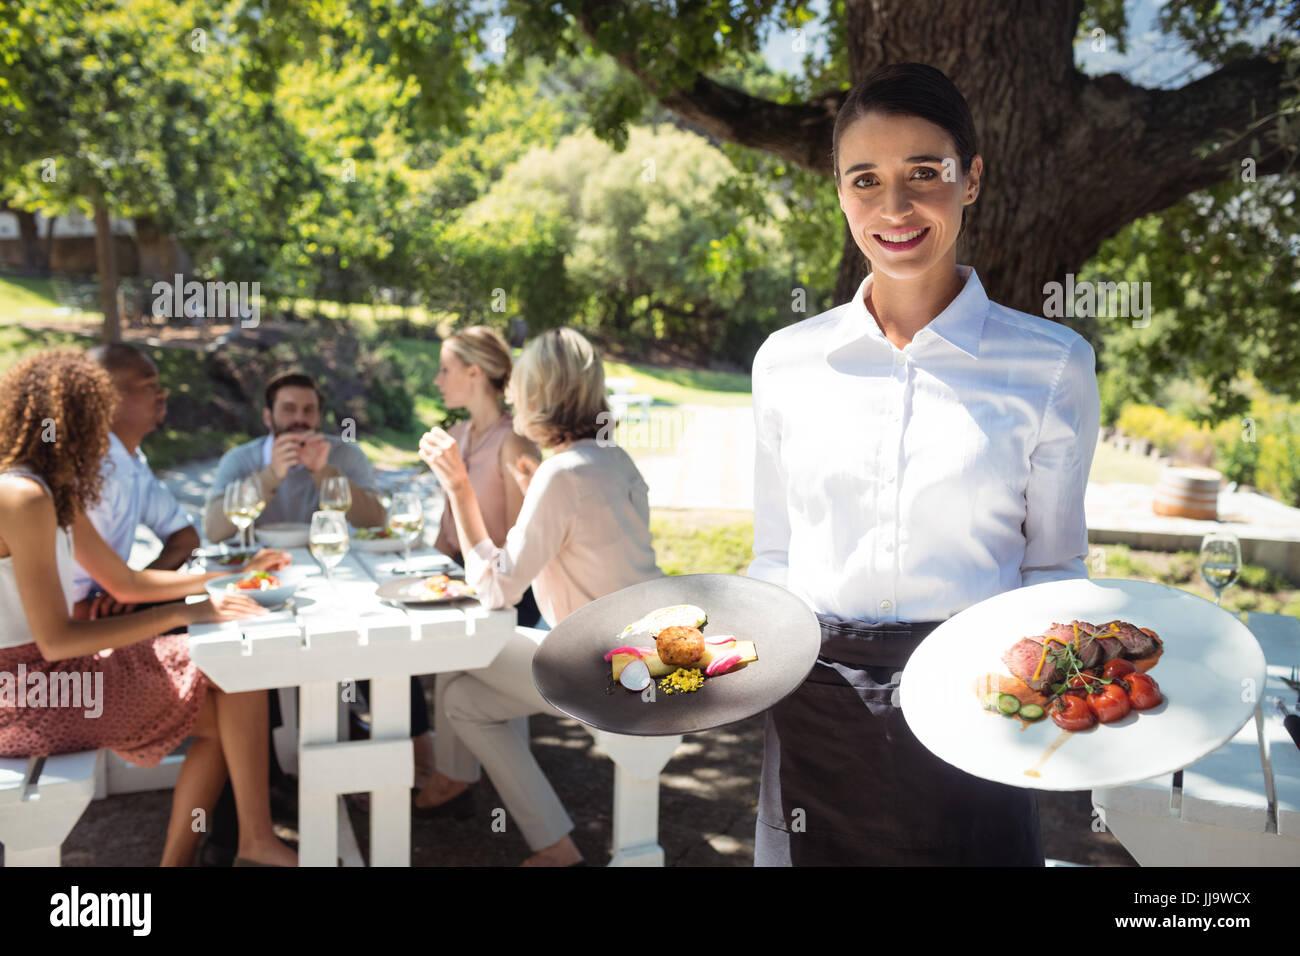 Porträt von lächelnden Kellner Holding Platten von Lebensmitteln im restaurant Stockbild